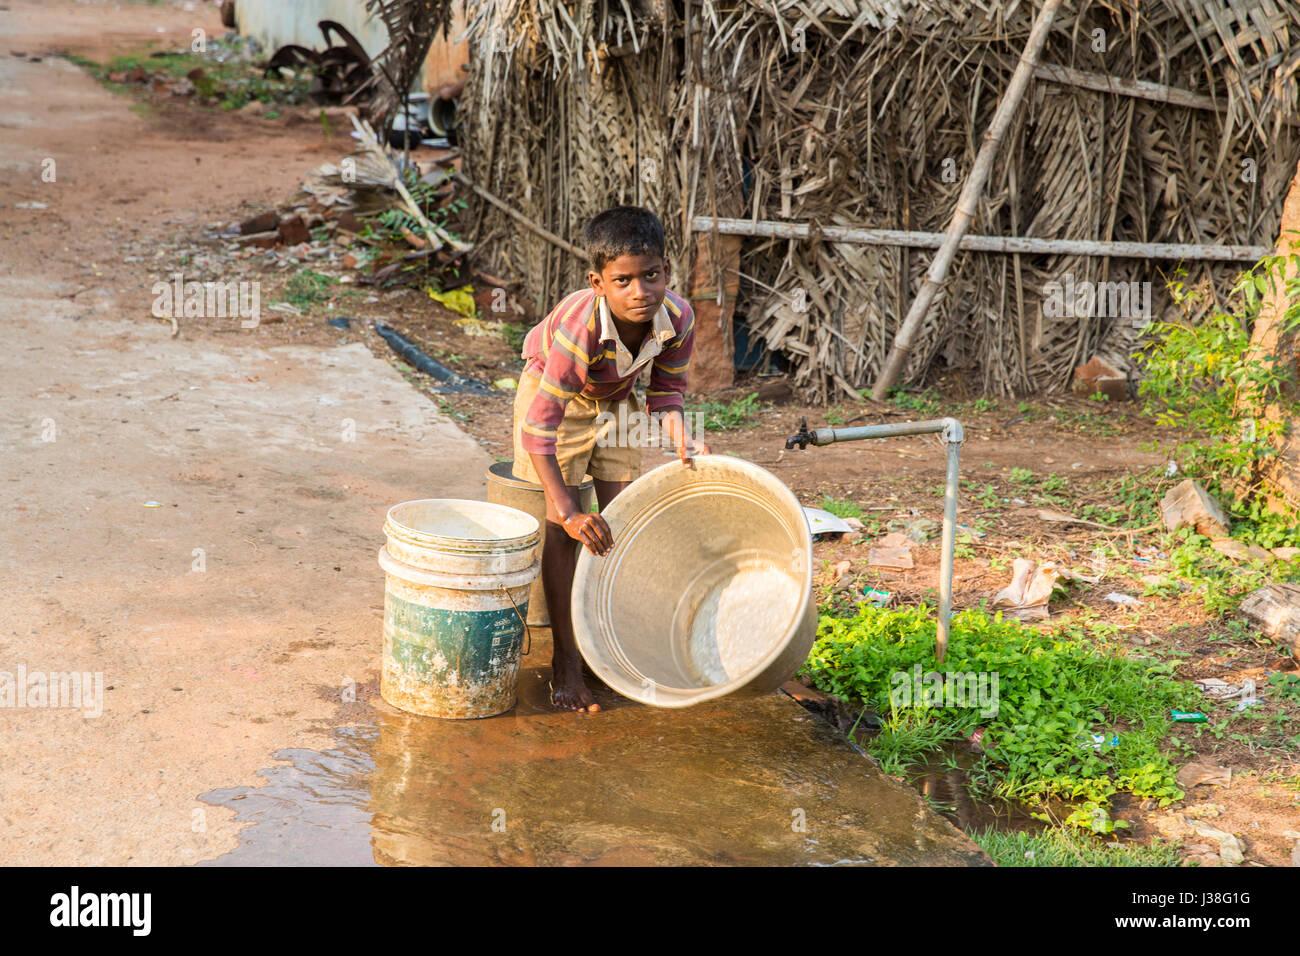 Documental imagen editorial. Pondicherry, Tamil Nadu, India - 15 de mayo de 2014. Muy pobre muchacho lavando platos Imagen De Stock